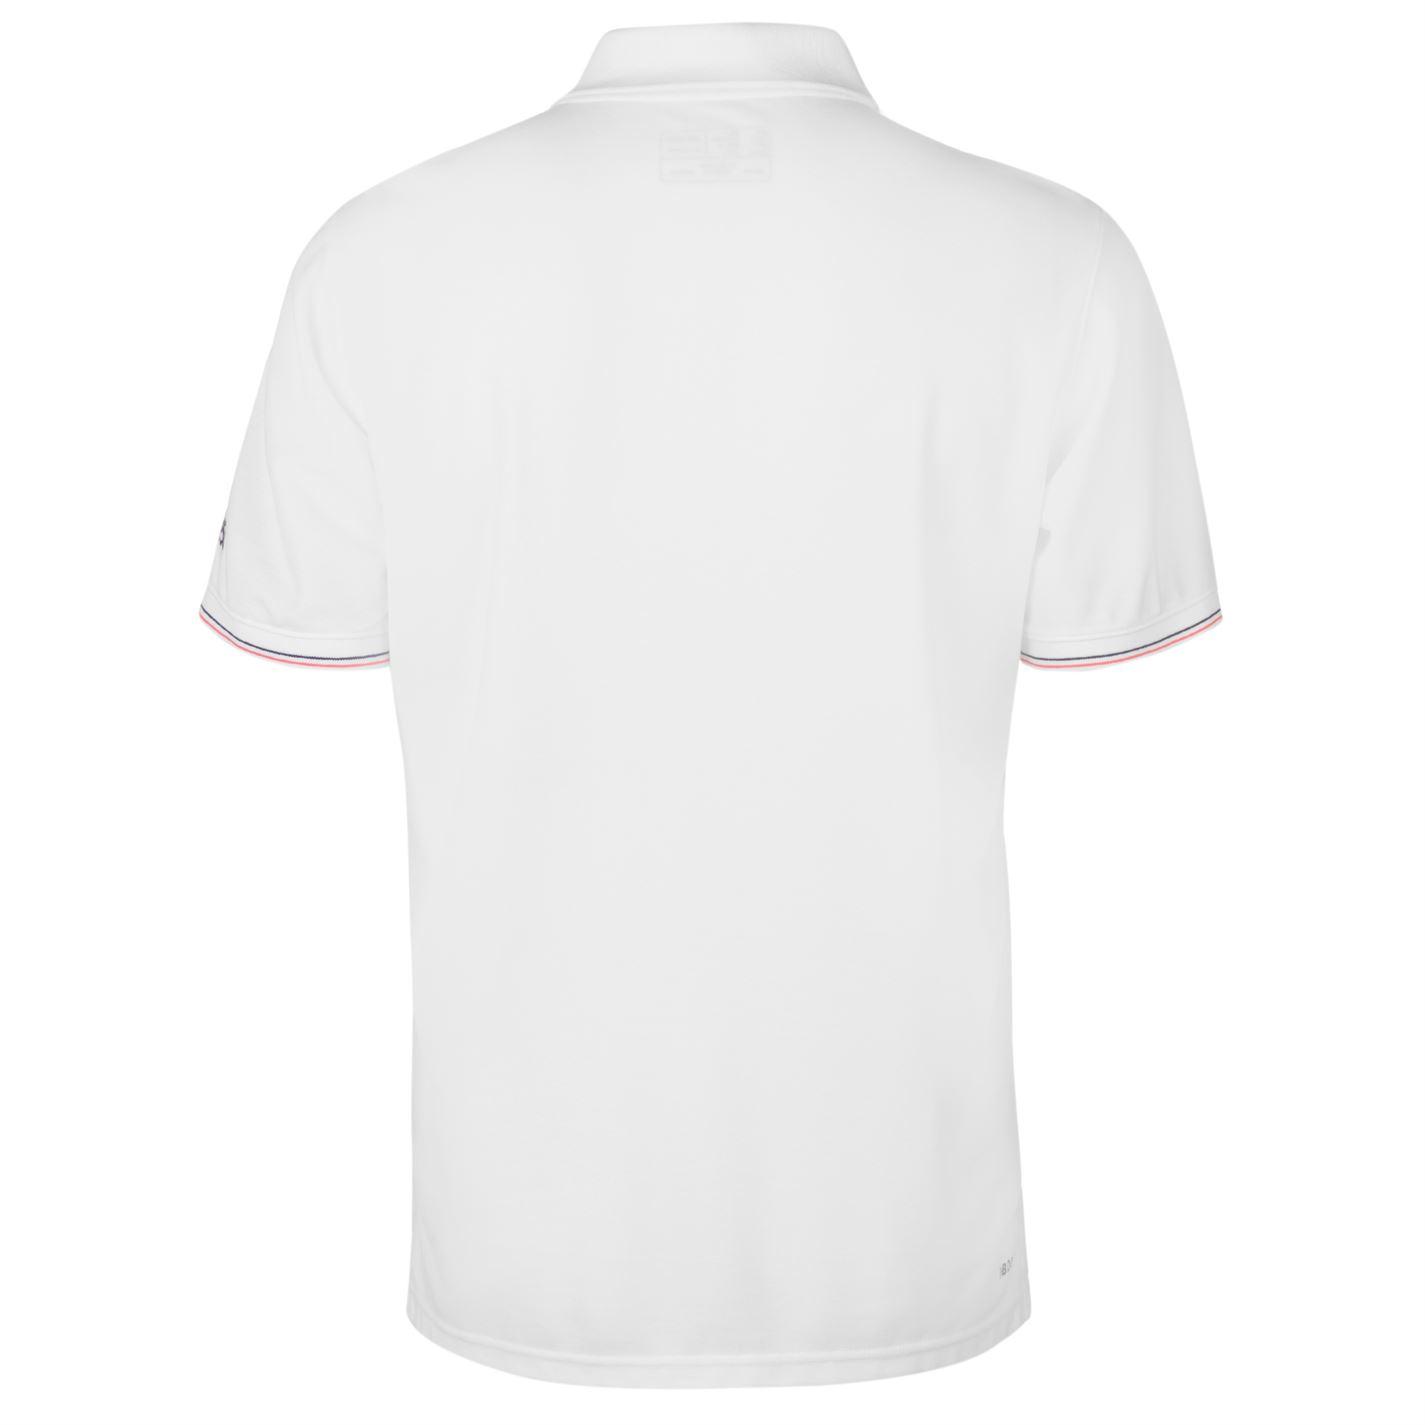 new balance polo men s cricket top